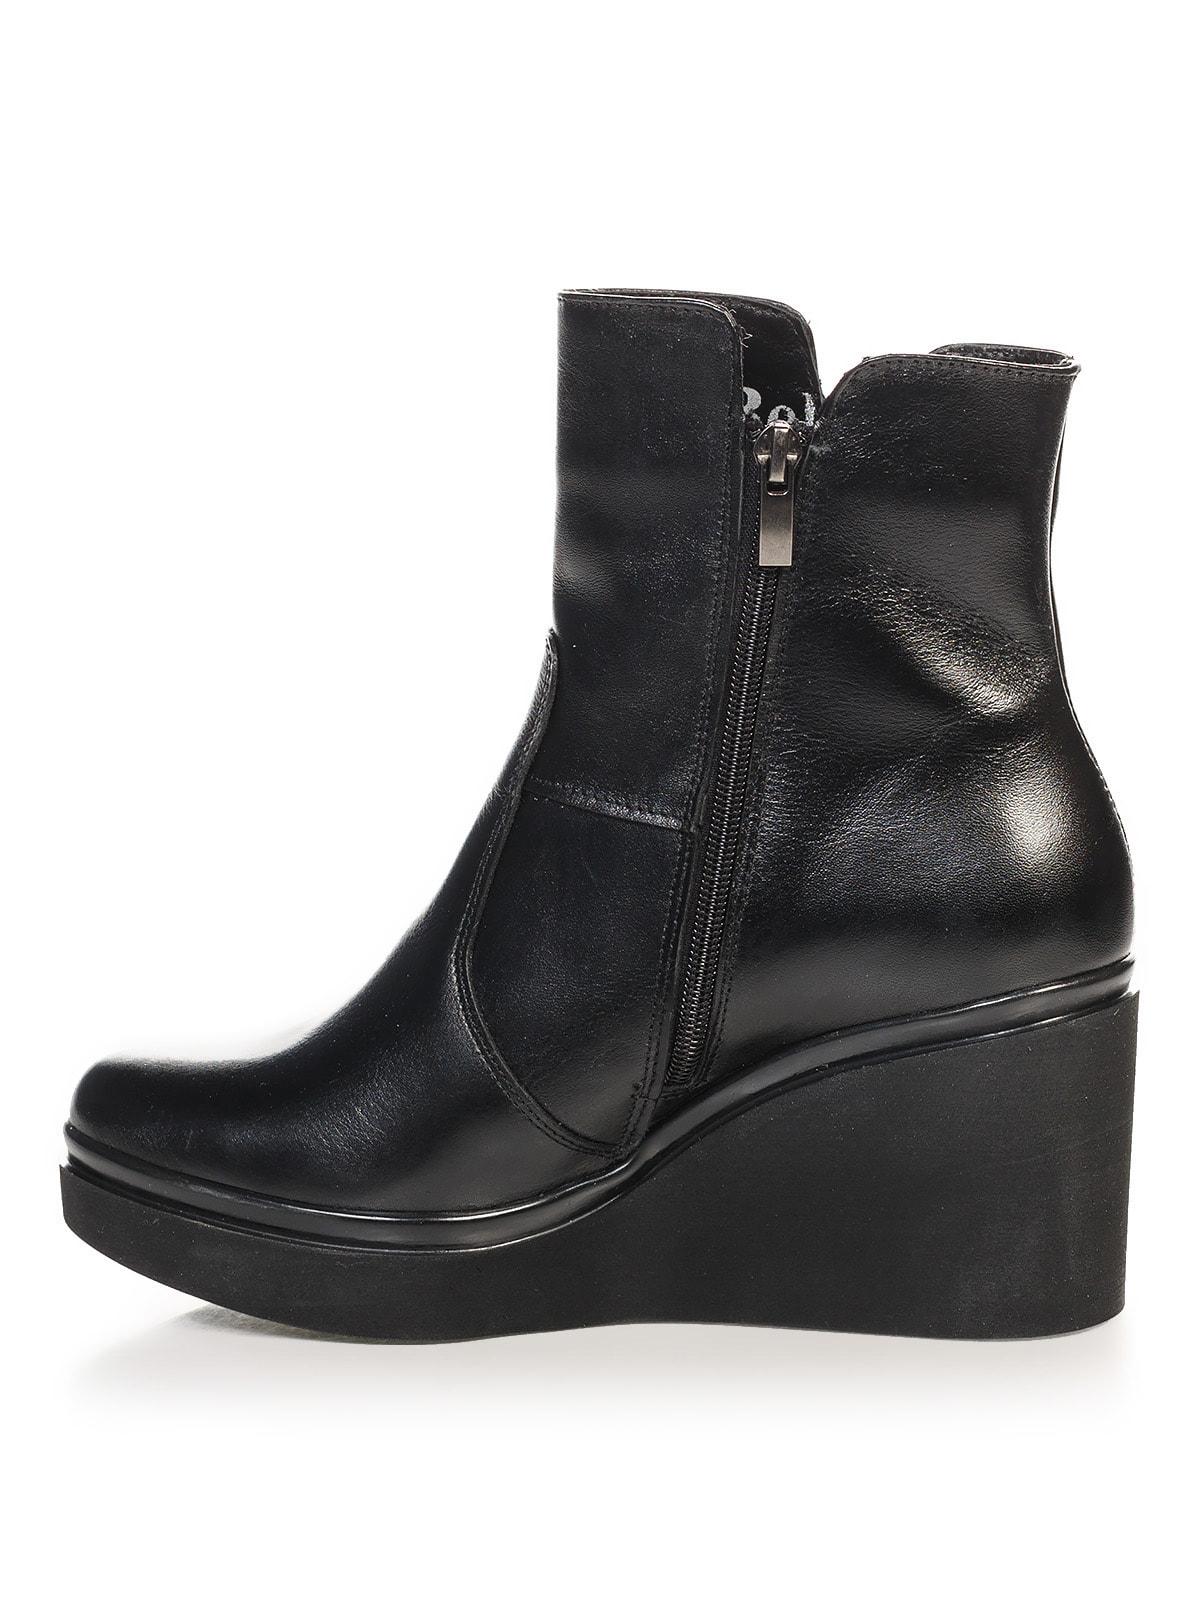 Ботинки черные | 4688191 | фото 2